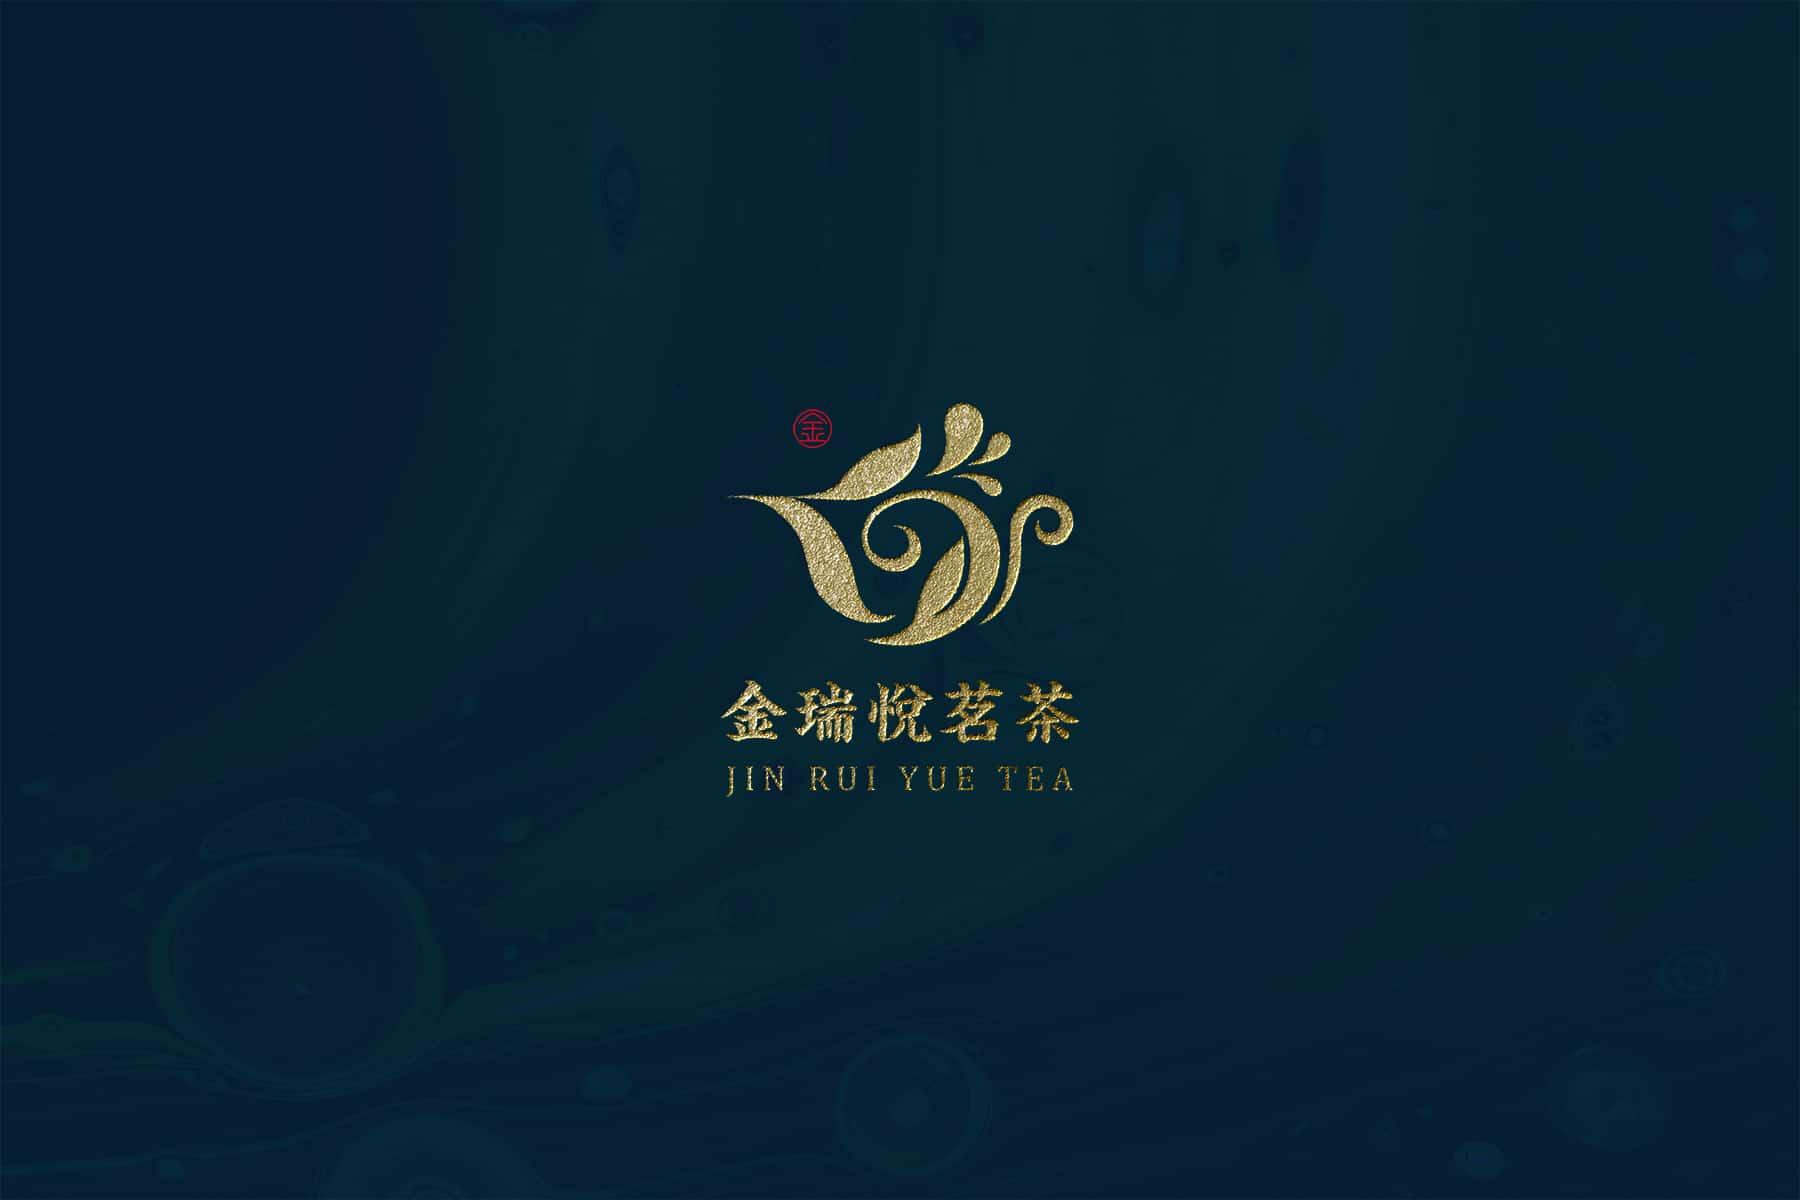 金瑞悅茗茶logo設計,以茶壺為主體,展現濃厚的中式風情。